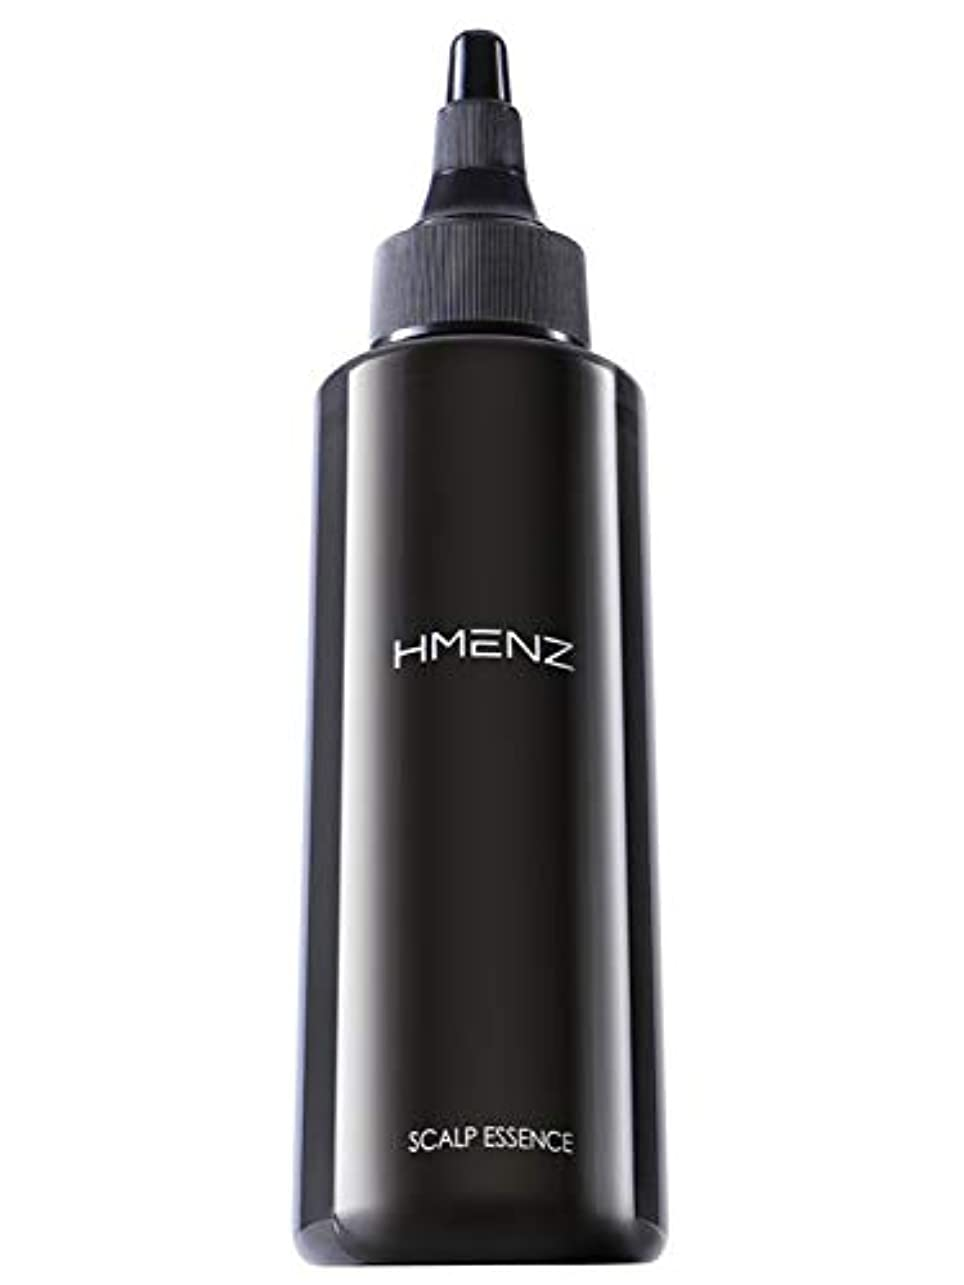 特定のわずらわしい絶縁する医薬部外品 HMENZ メンズ 育毛剤 スカルプエッセンス 毛髪エイジングケアシリーズ 和漢根 海藻配合 育毛トニック 120ml